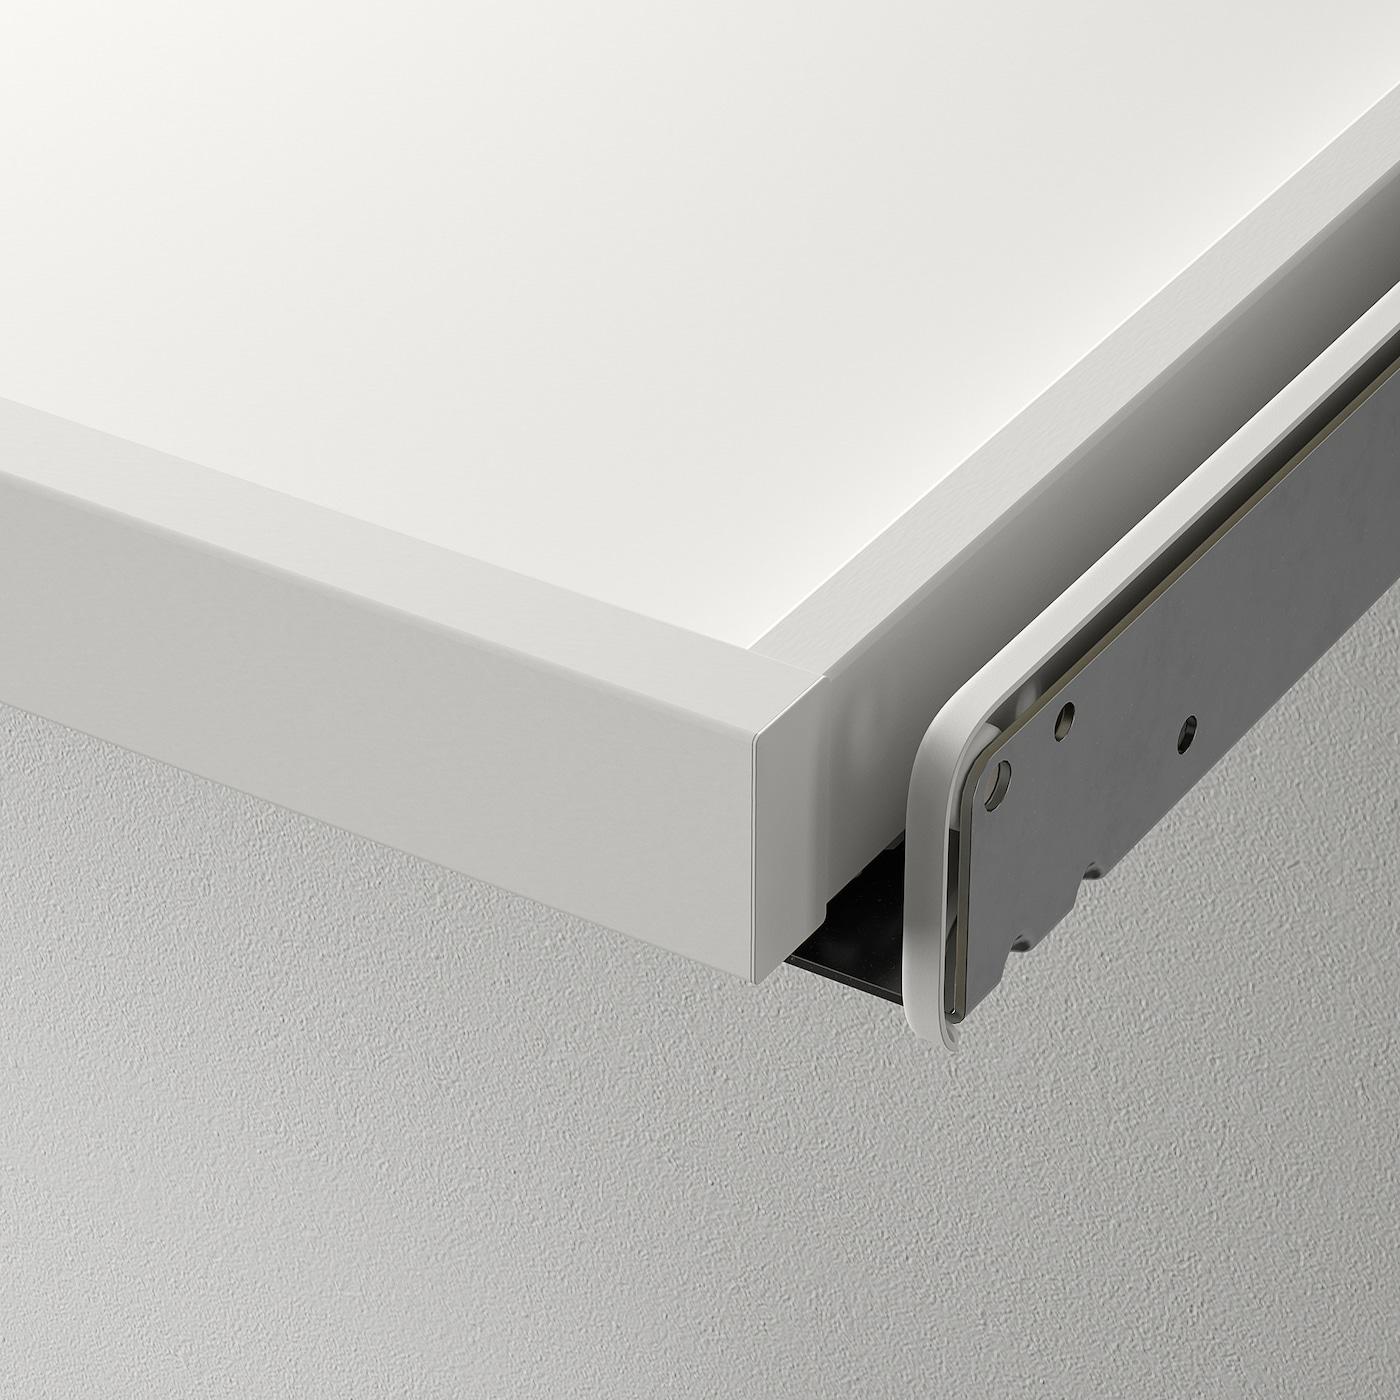 KOMPLEMENT Erretilu ateragarria eta osagarria, zuria, 50x58 cm